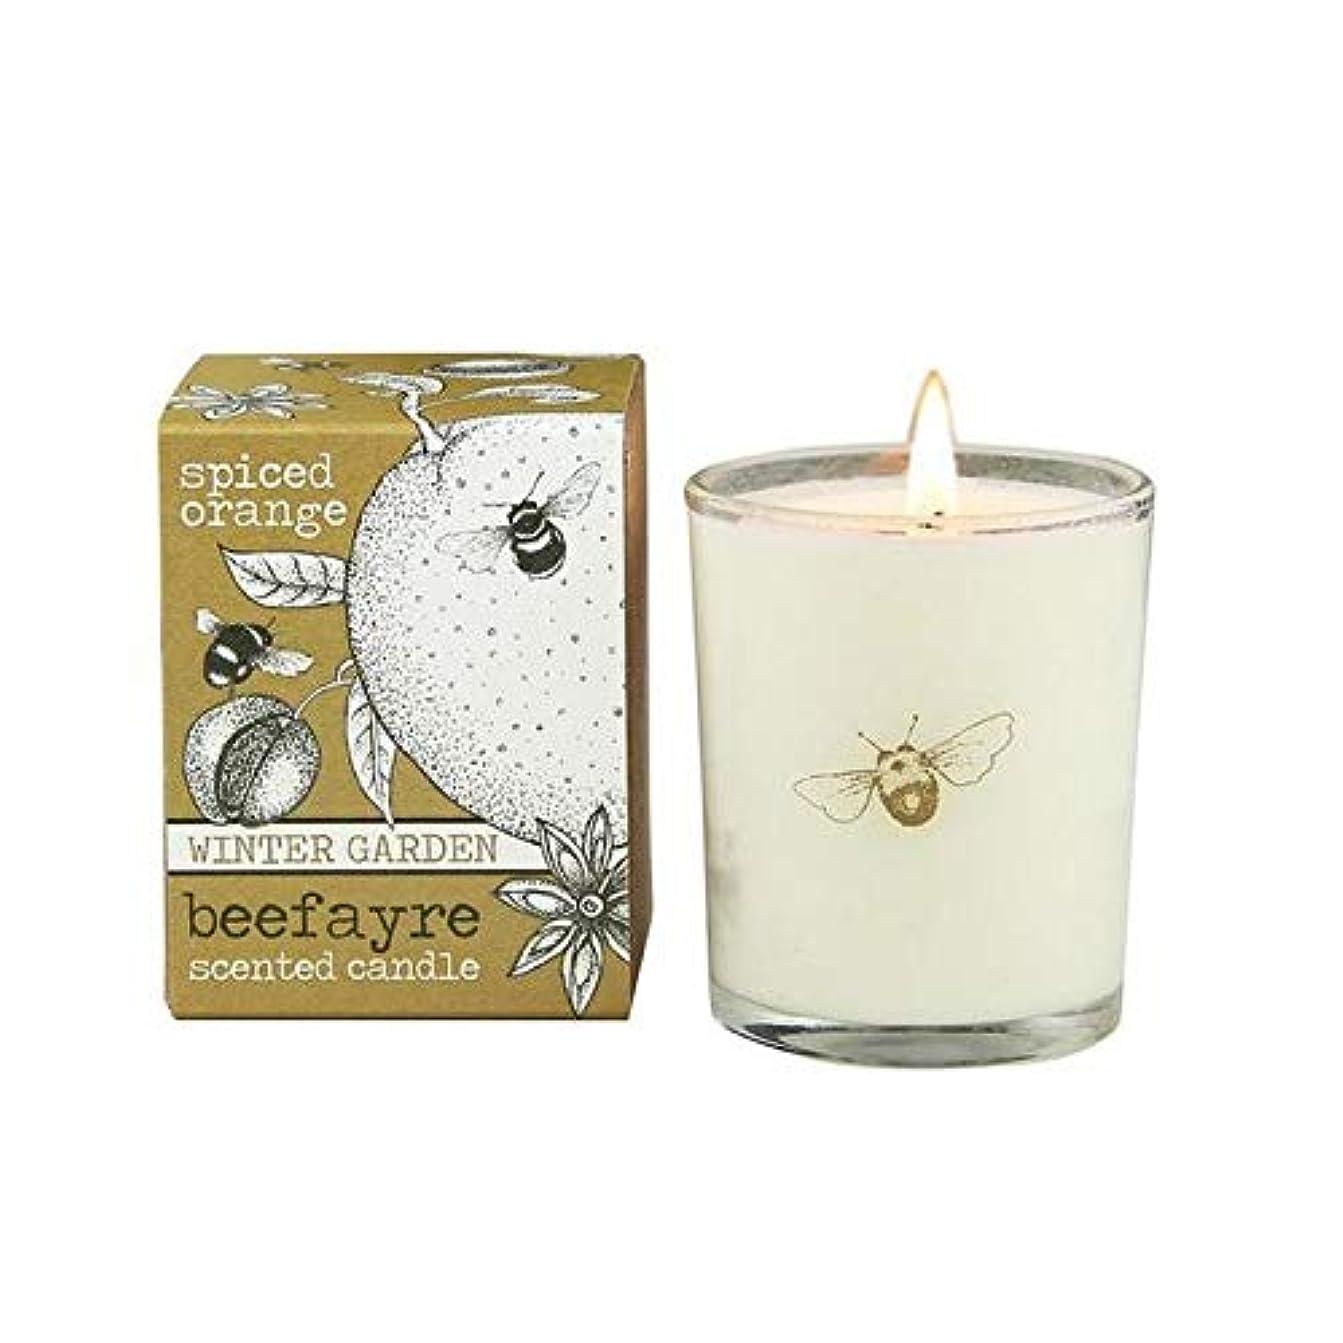 埋めるシルク抜け目のない[Beefayre] Beefayreスパイスオレンジ色の小さな香りのキャンドル - Beefayre Spiced Orange Small Scented Candle [並行輸入品]